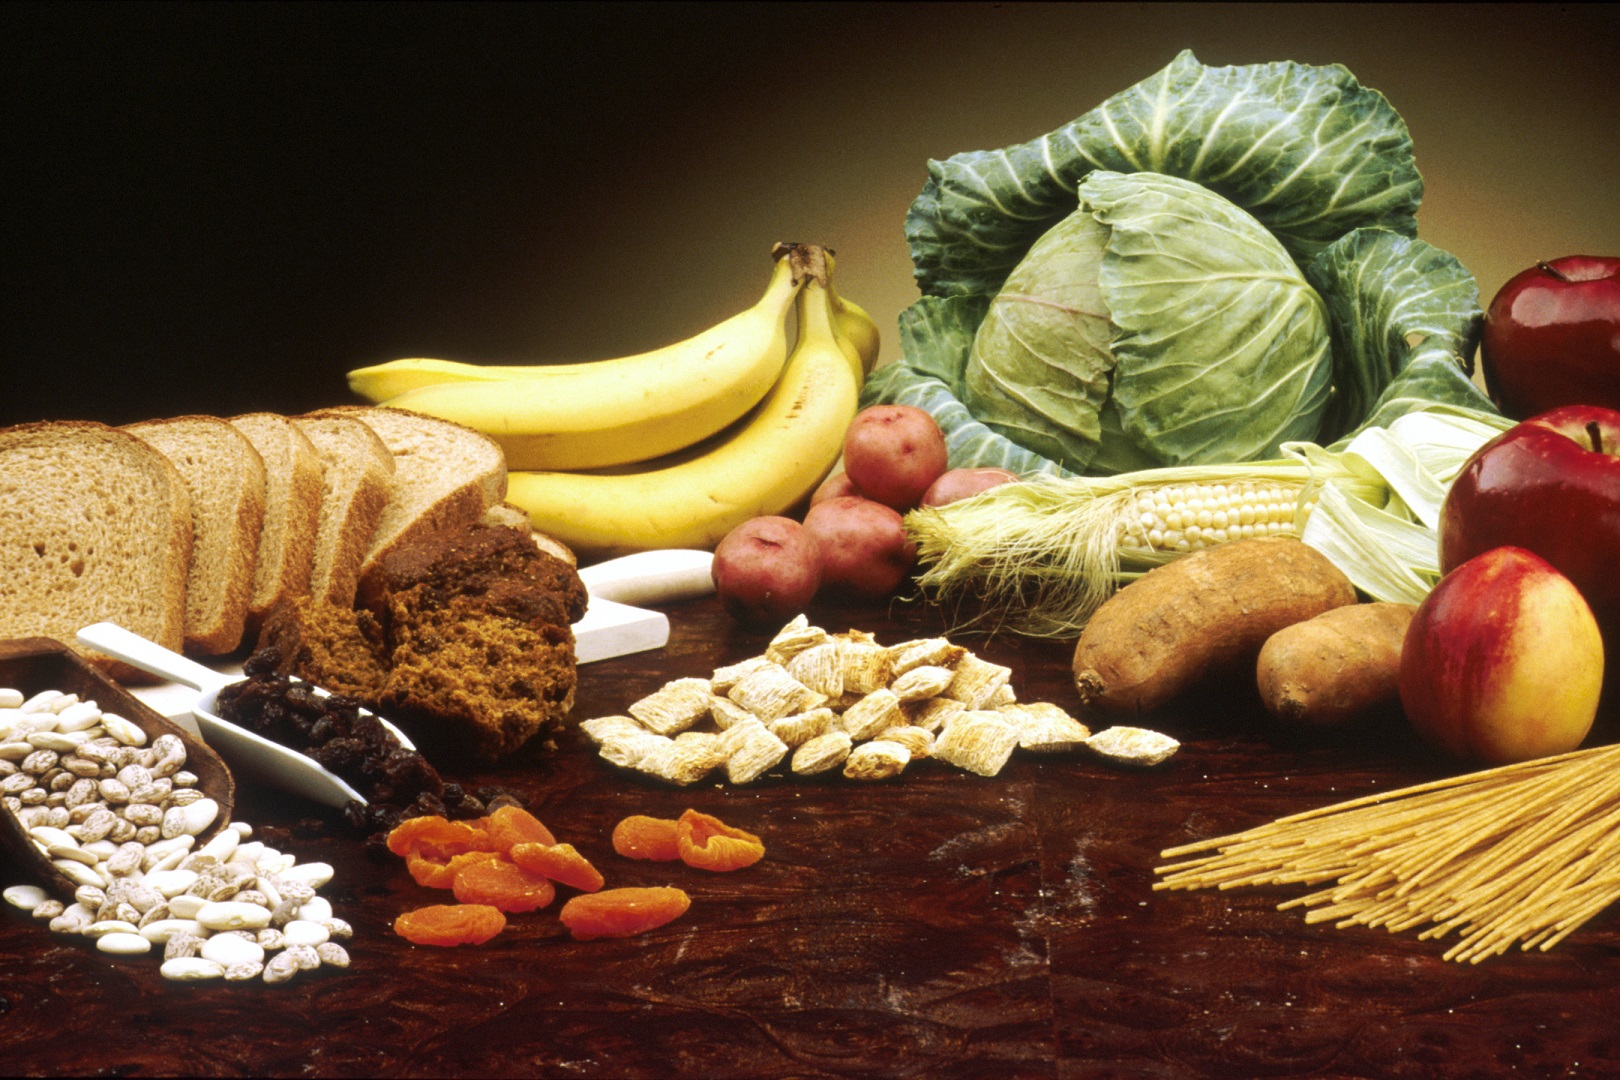 verdure sconsigliate per la dieta